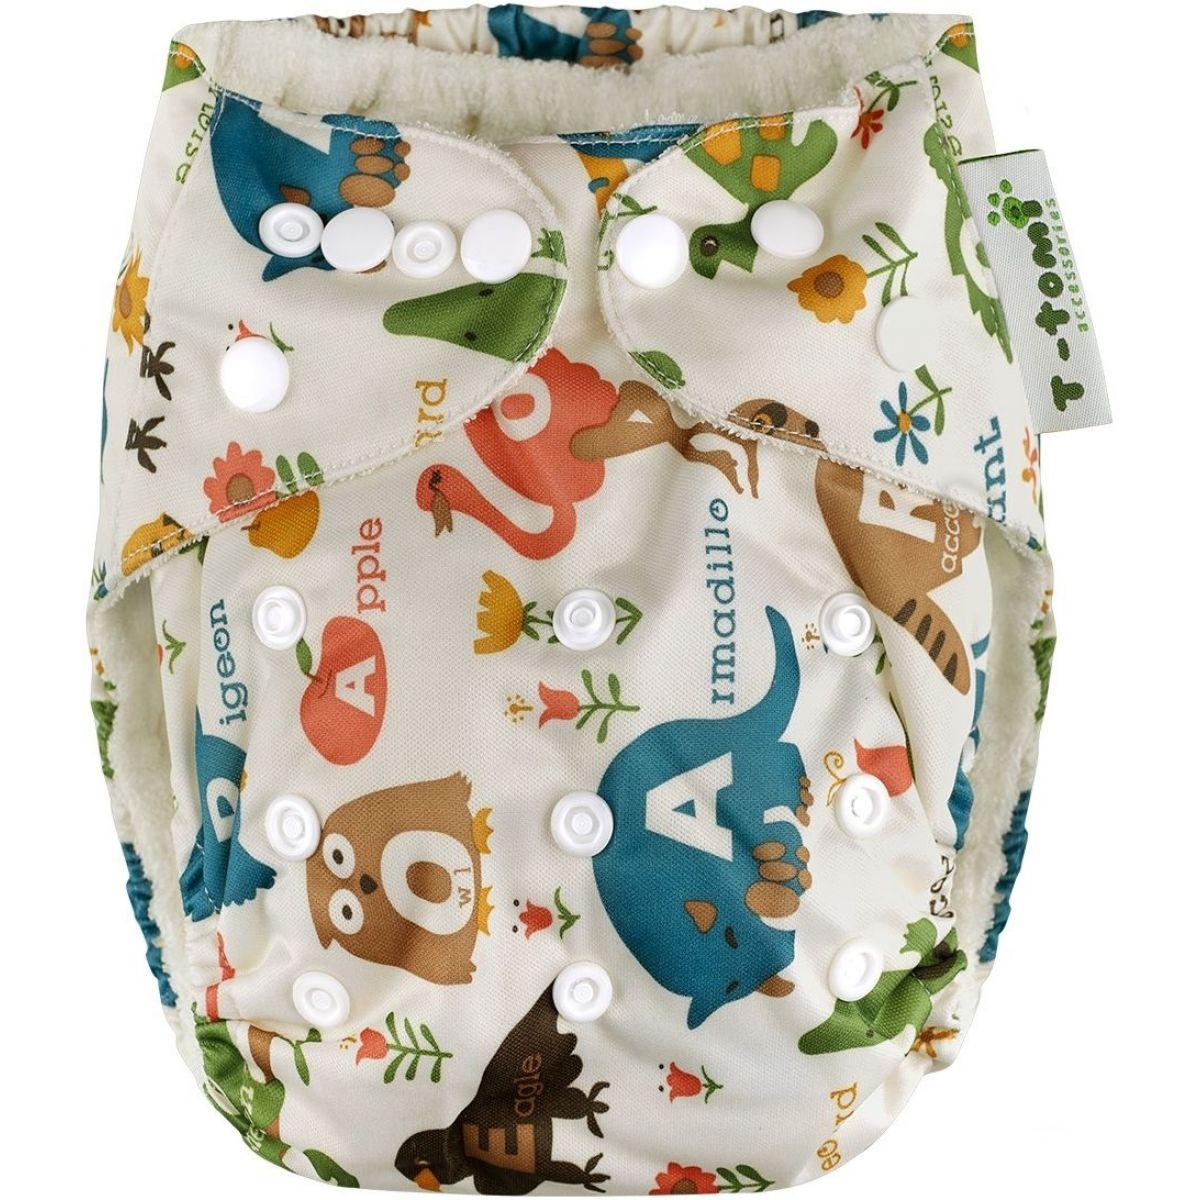 T-tomi Bambusová kalhotková plena AIO 1 ks Bílá safari